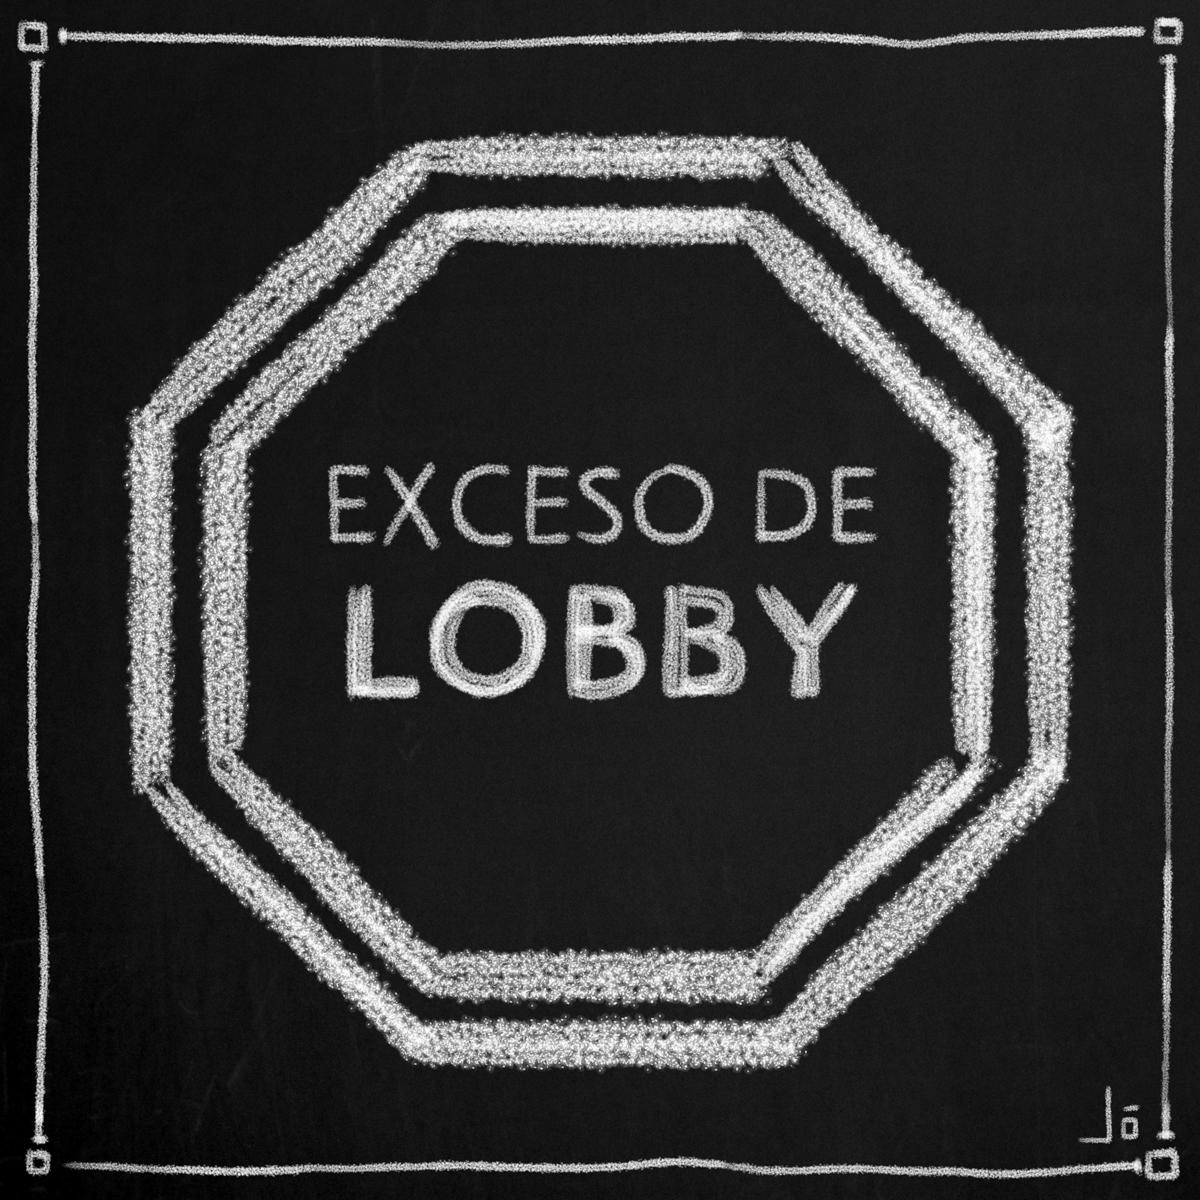 tinta-china-228-JOJOJO-exceso-lobby